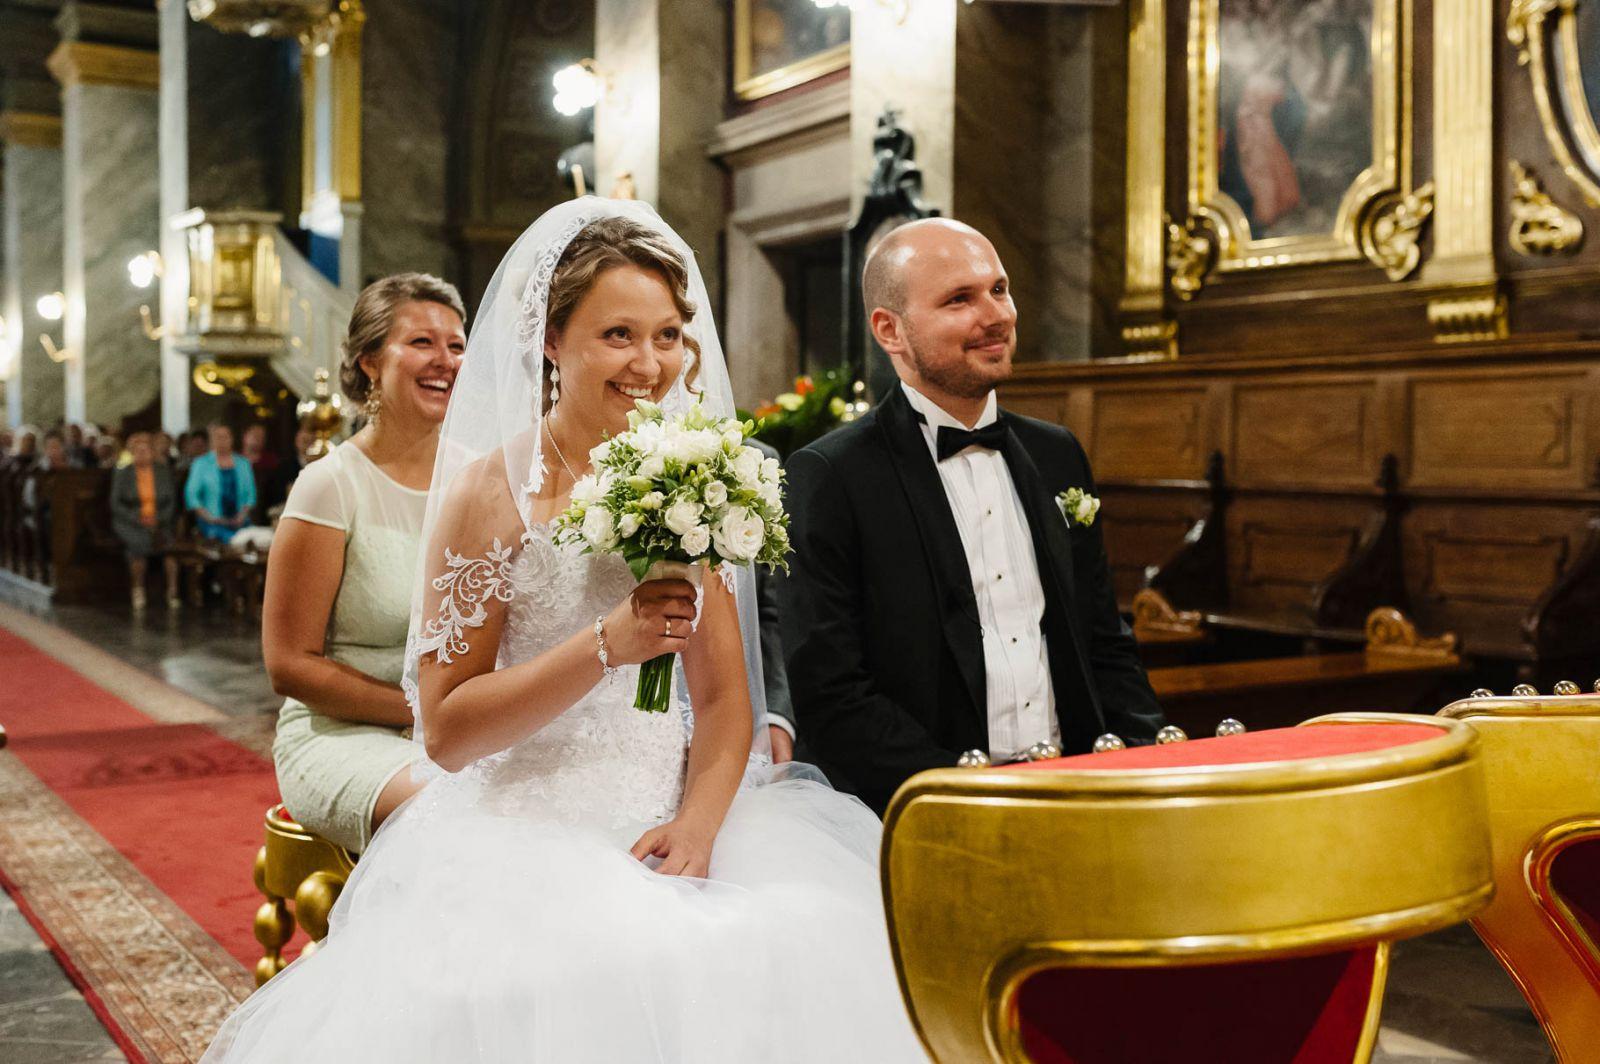 reportaż ślubny adam jaskot fotografia ceremonia ślubu